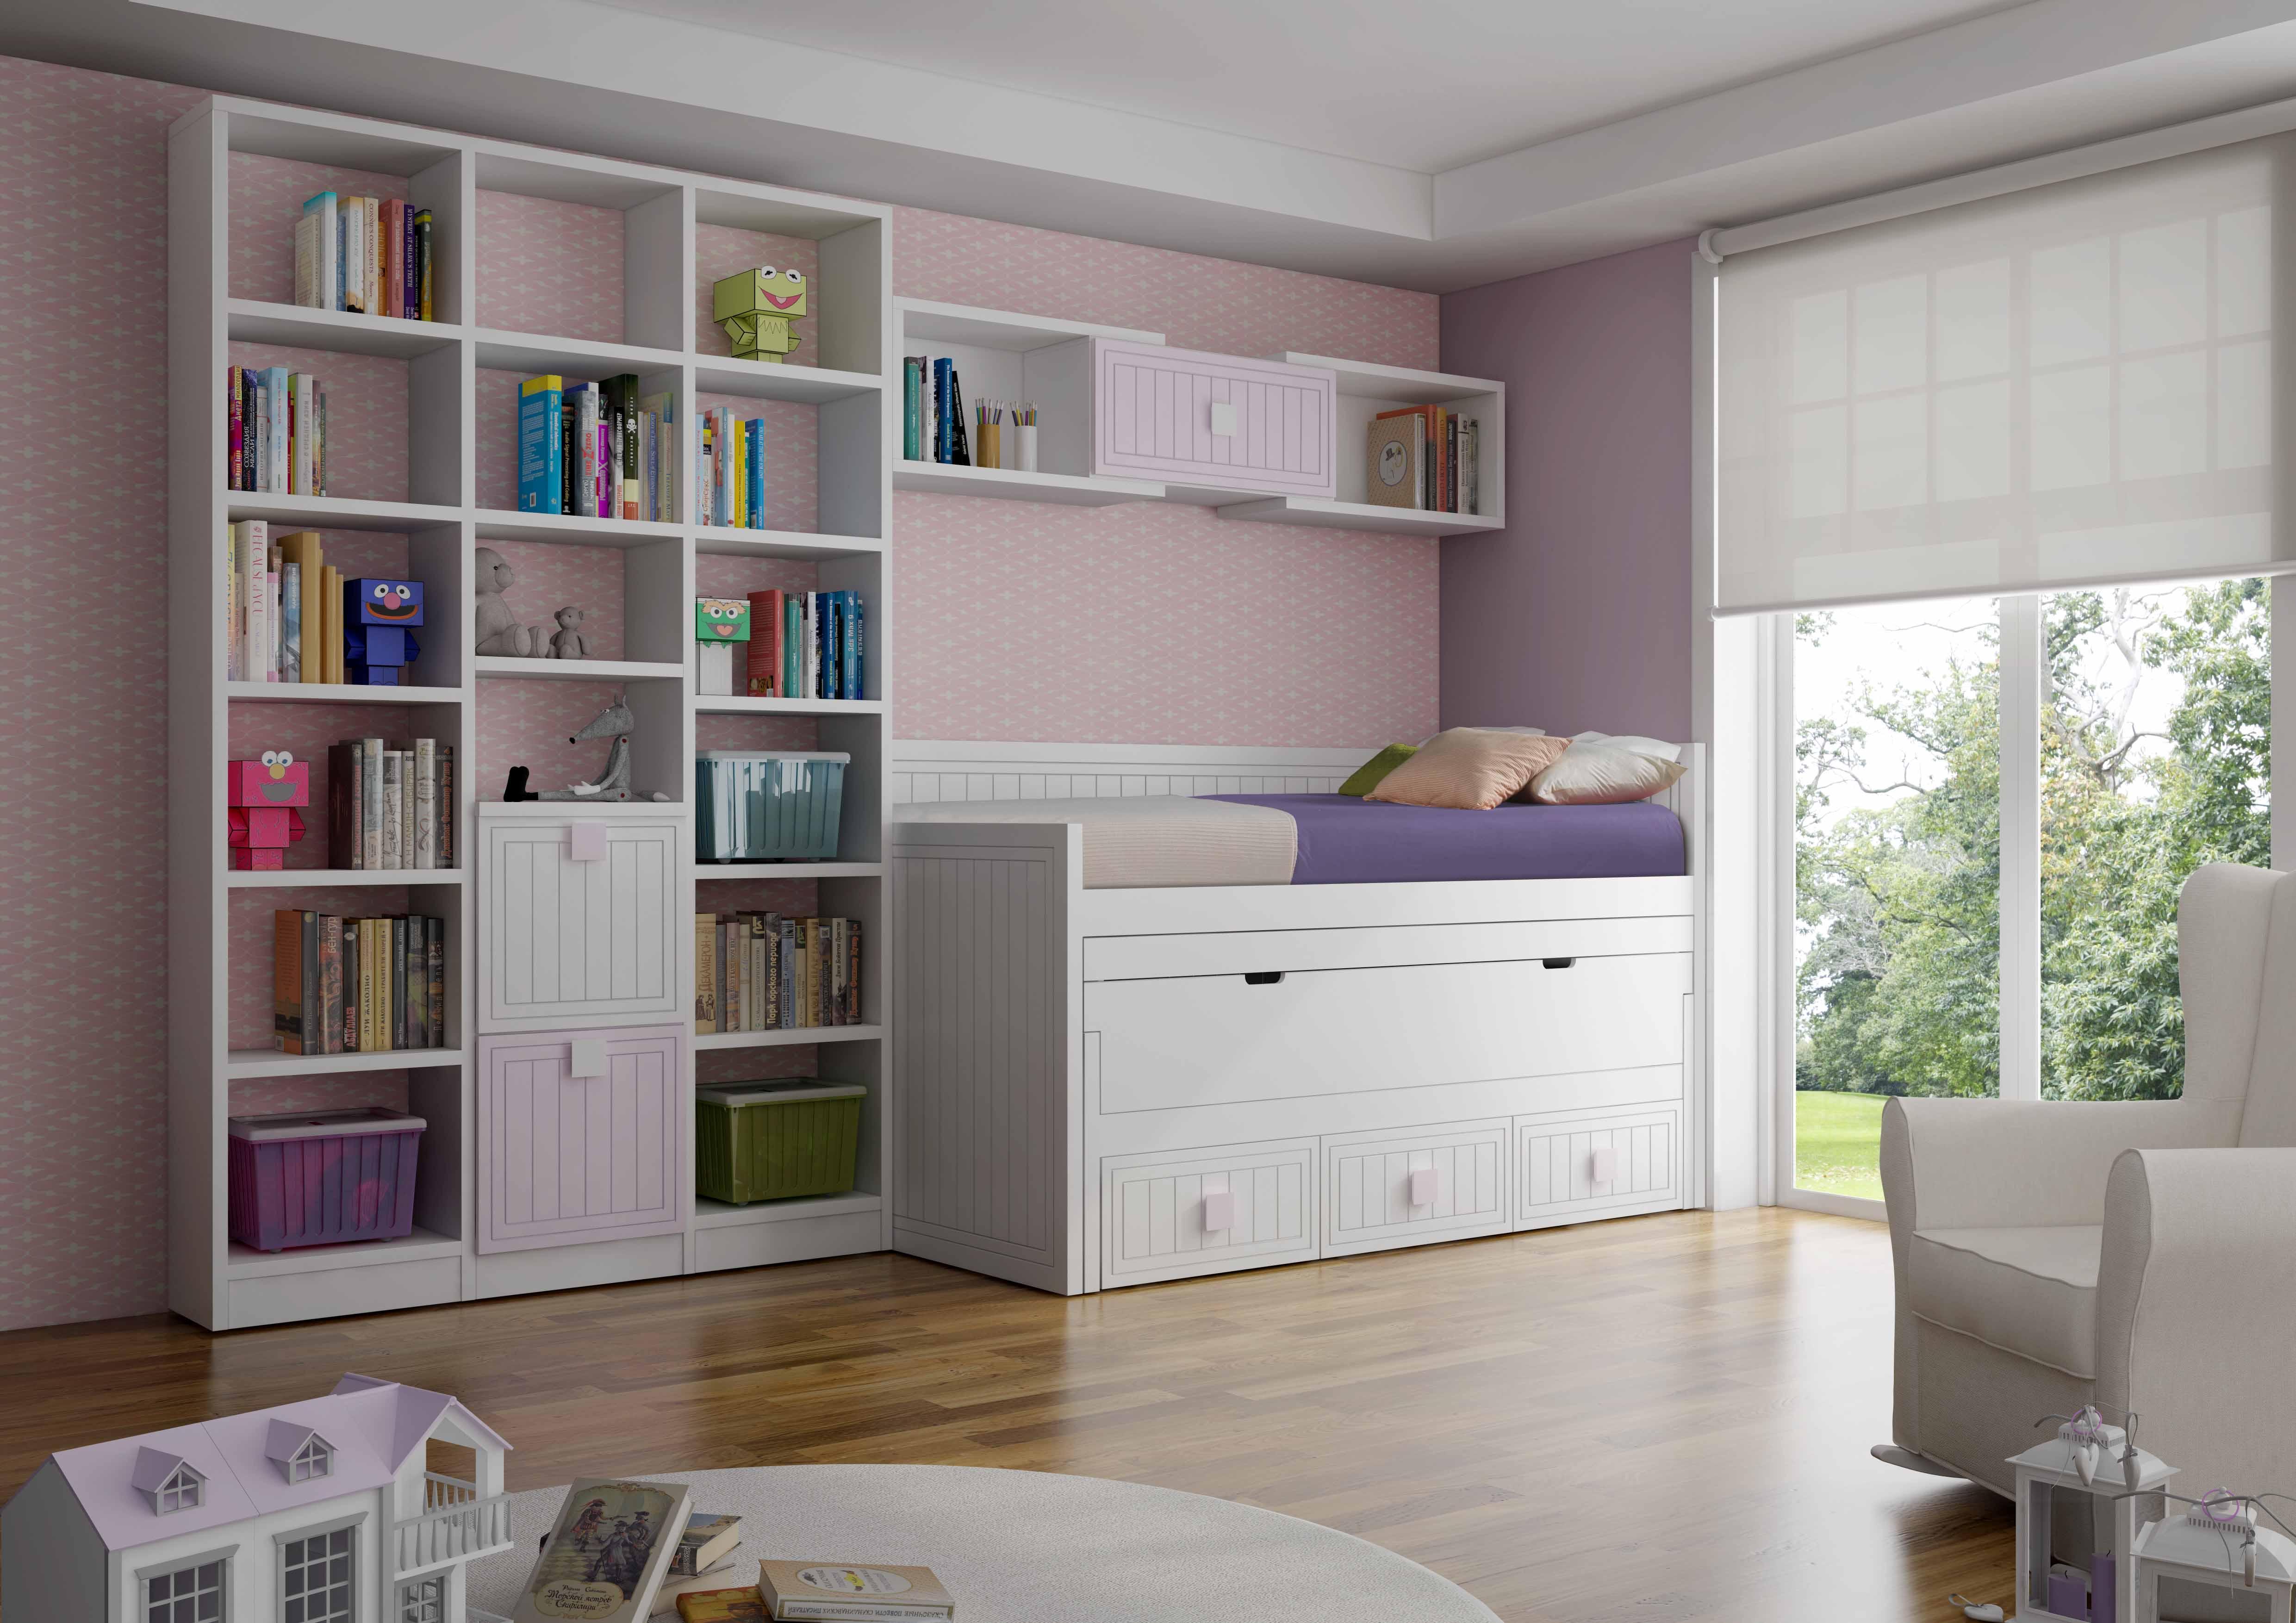 Cama juvenil compacta otra soluci n al problema de espacio for Cama juvenil con escritorio